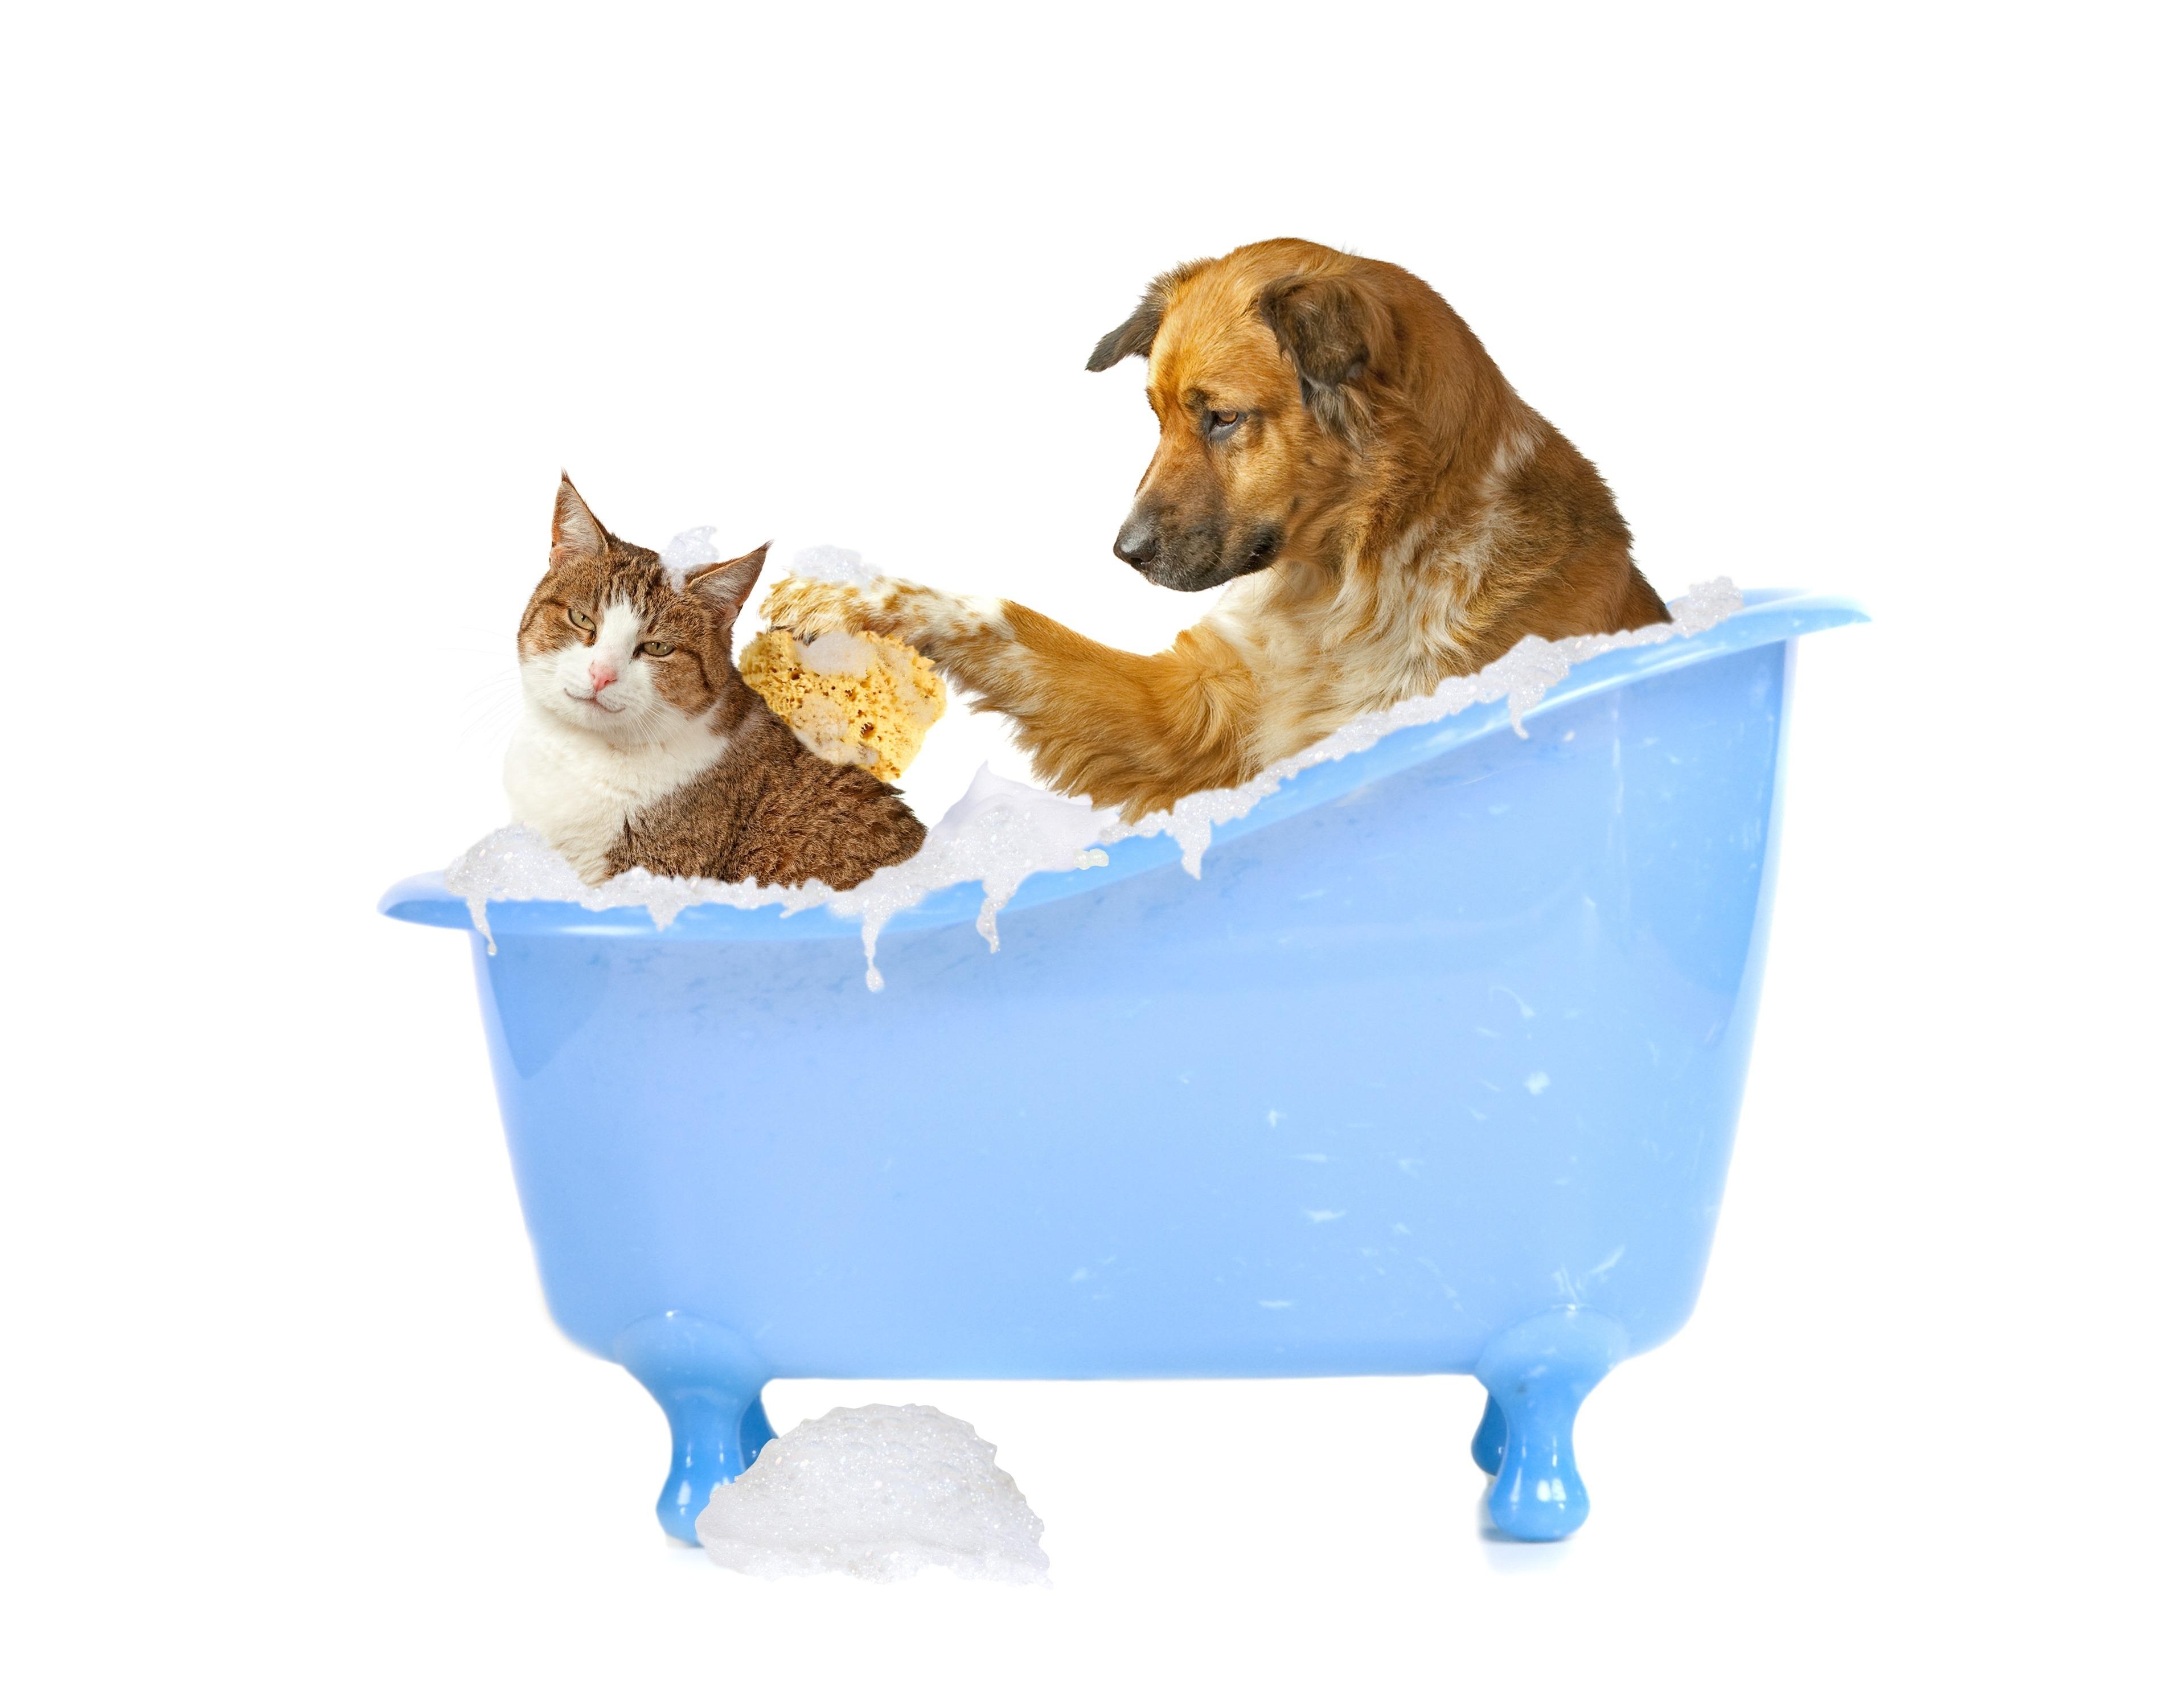 Image: Animals, dog, cat, bath, wash, white background